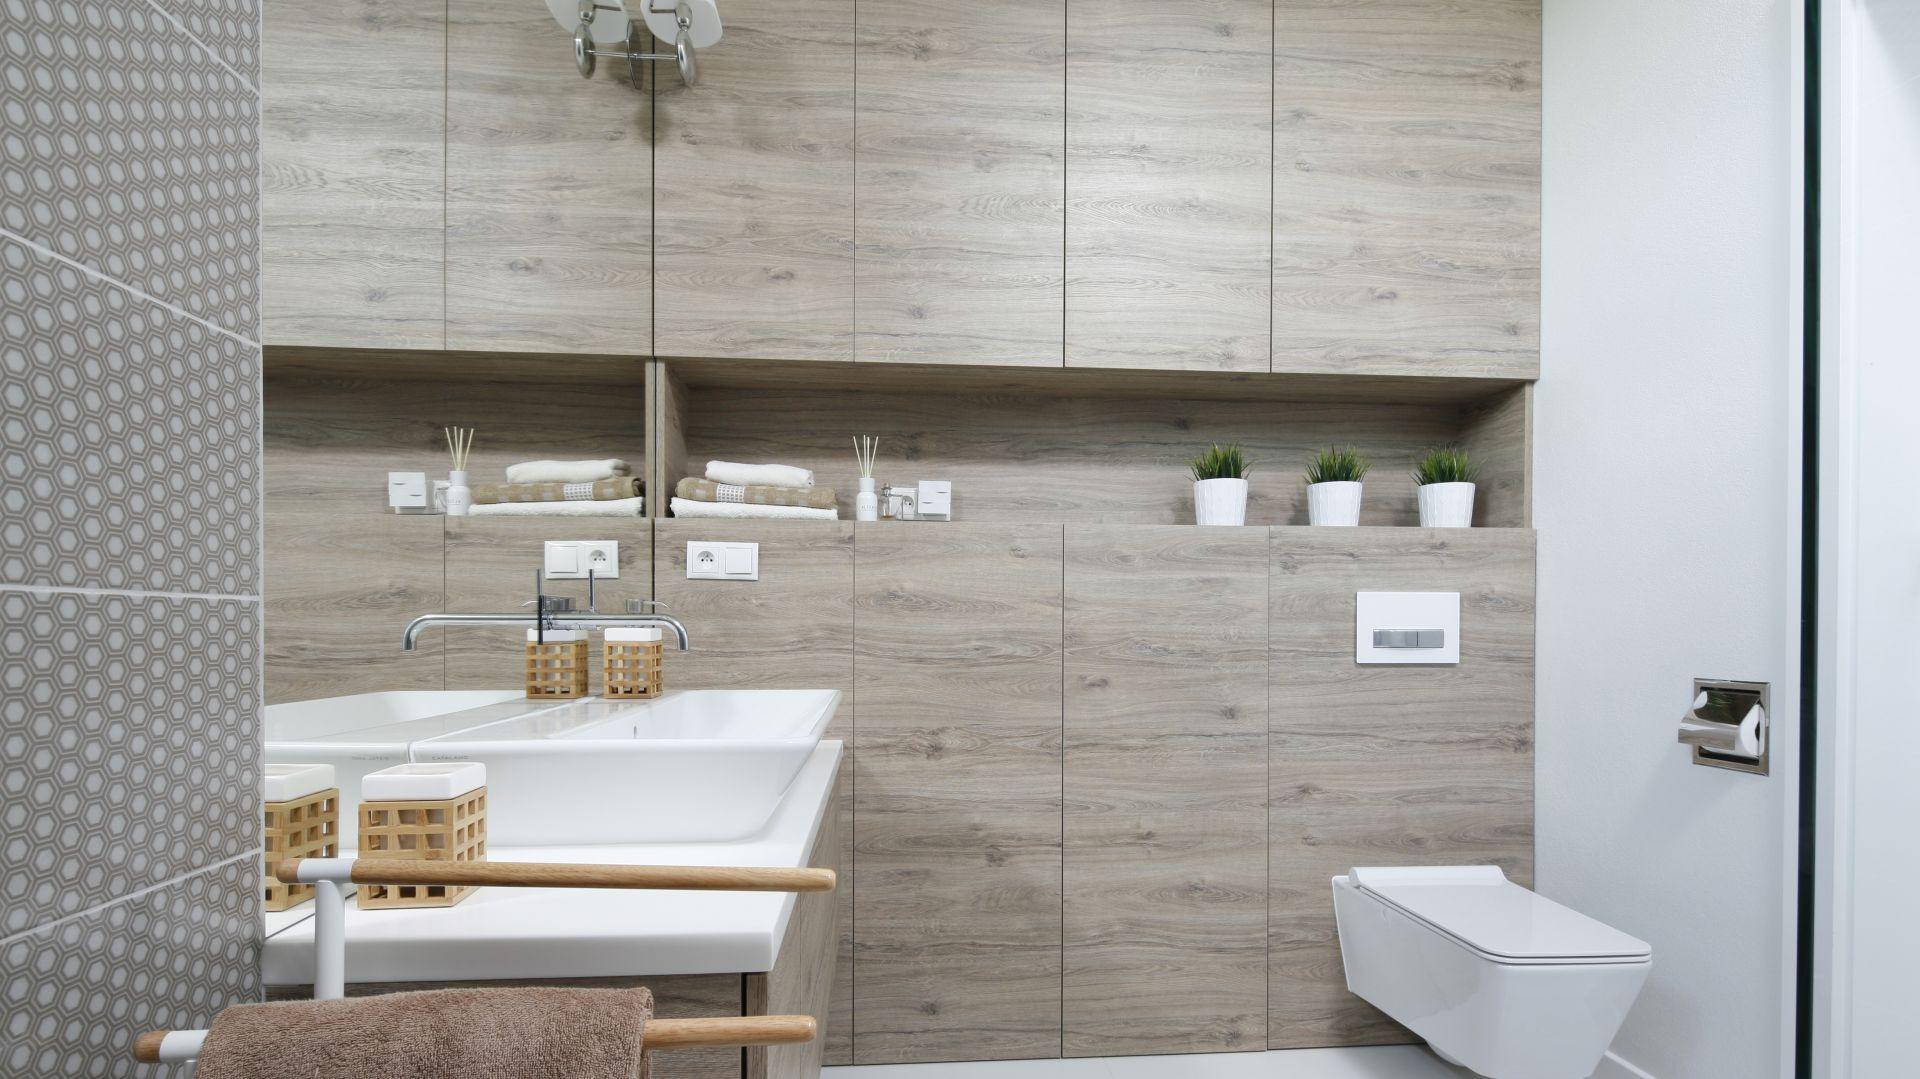 Przytulna łazienka w kolorach drewna. Proj. Ewelina Pik, Maria Biegańska. Fot. Bartosz Jarosz